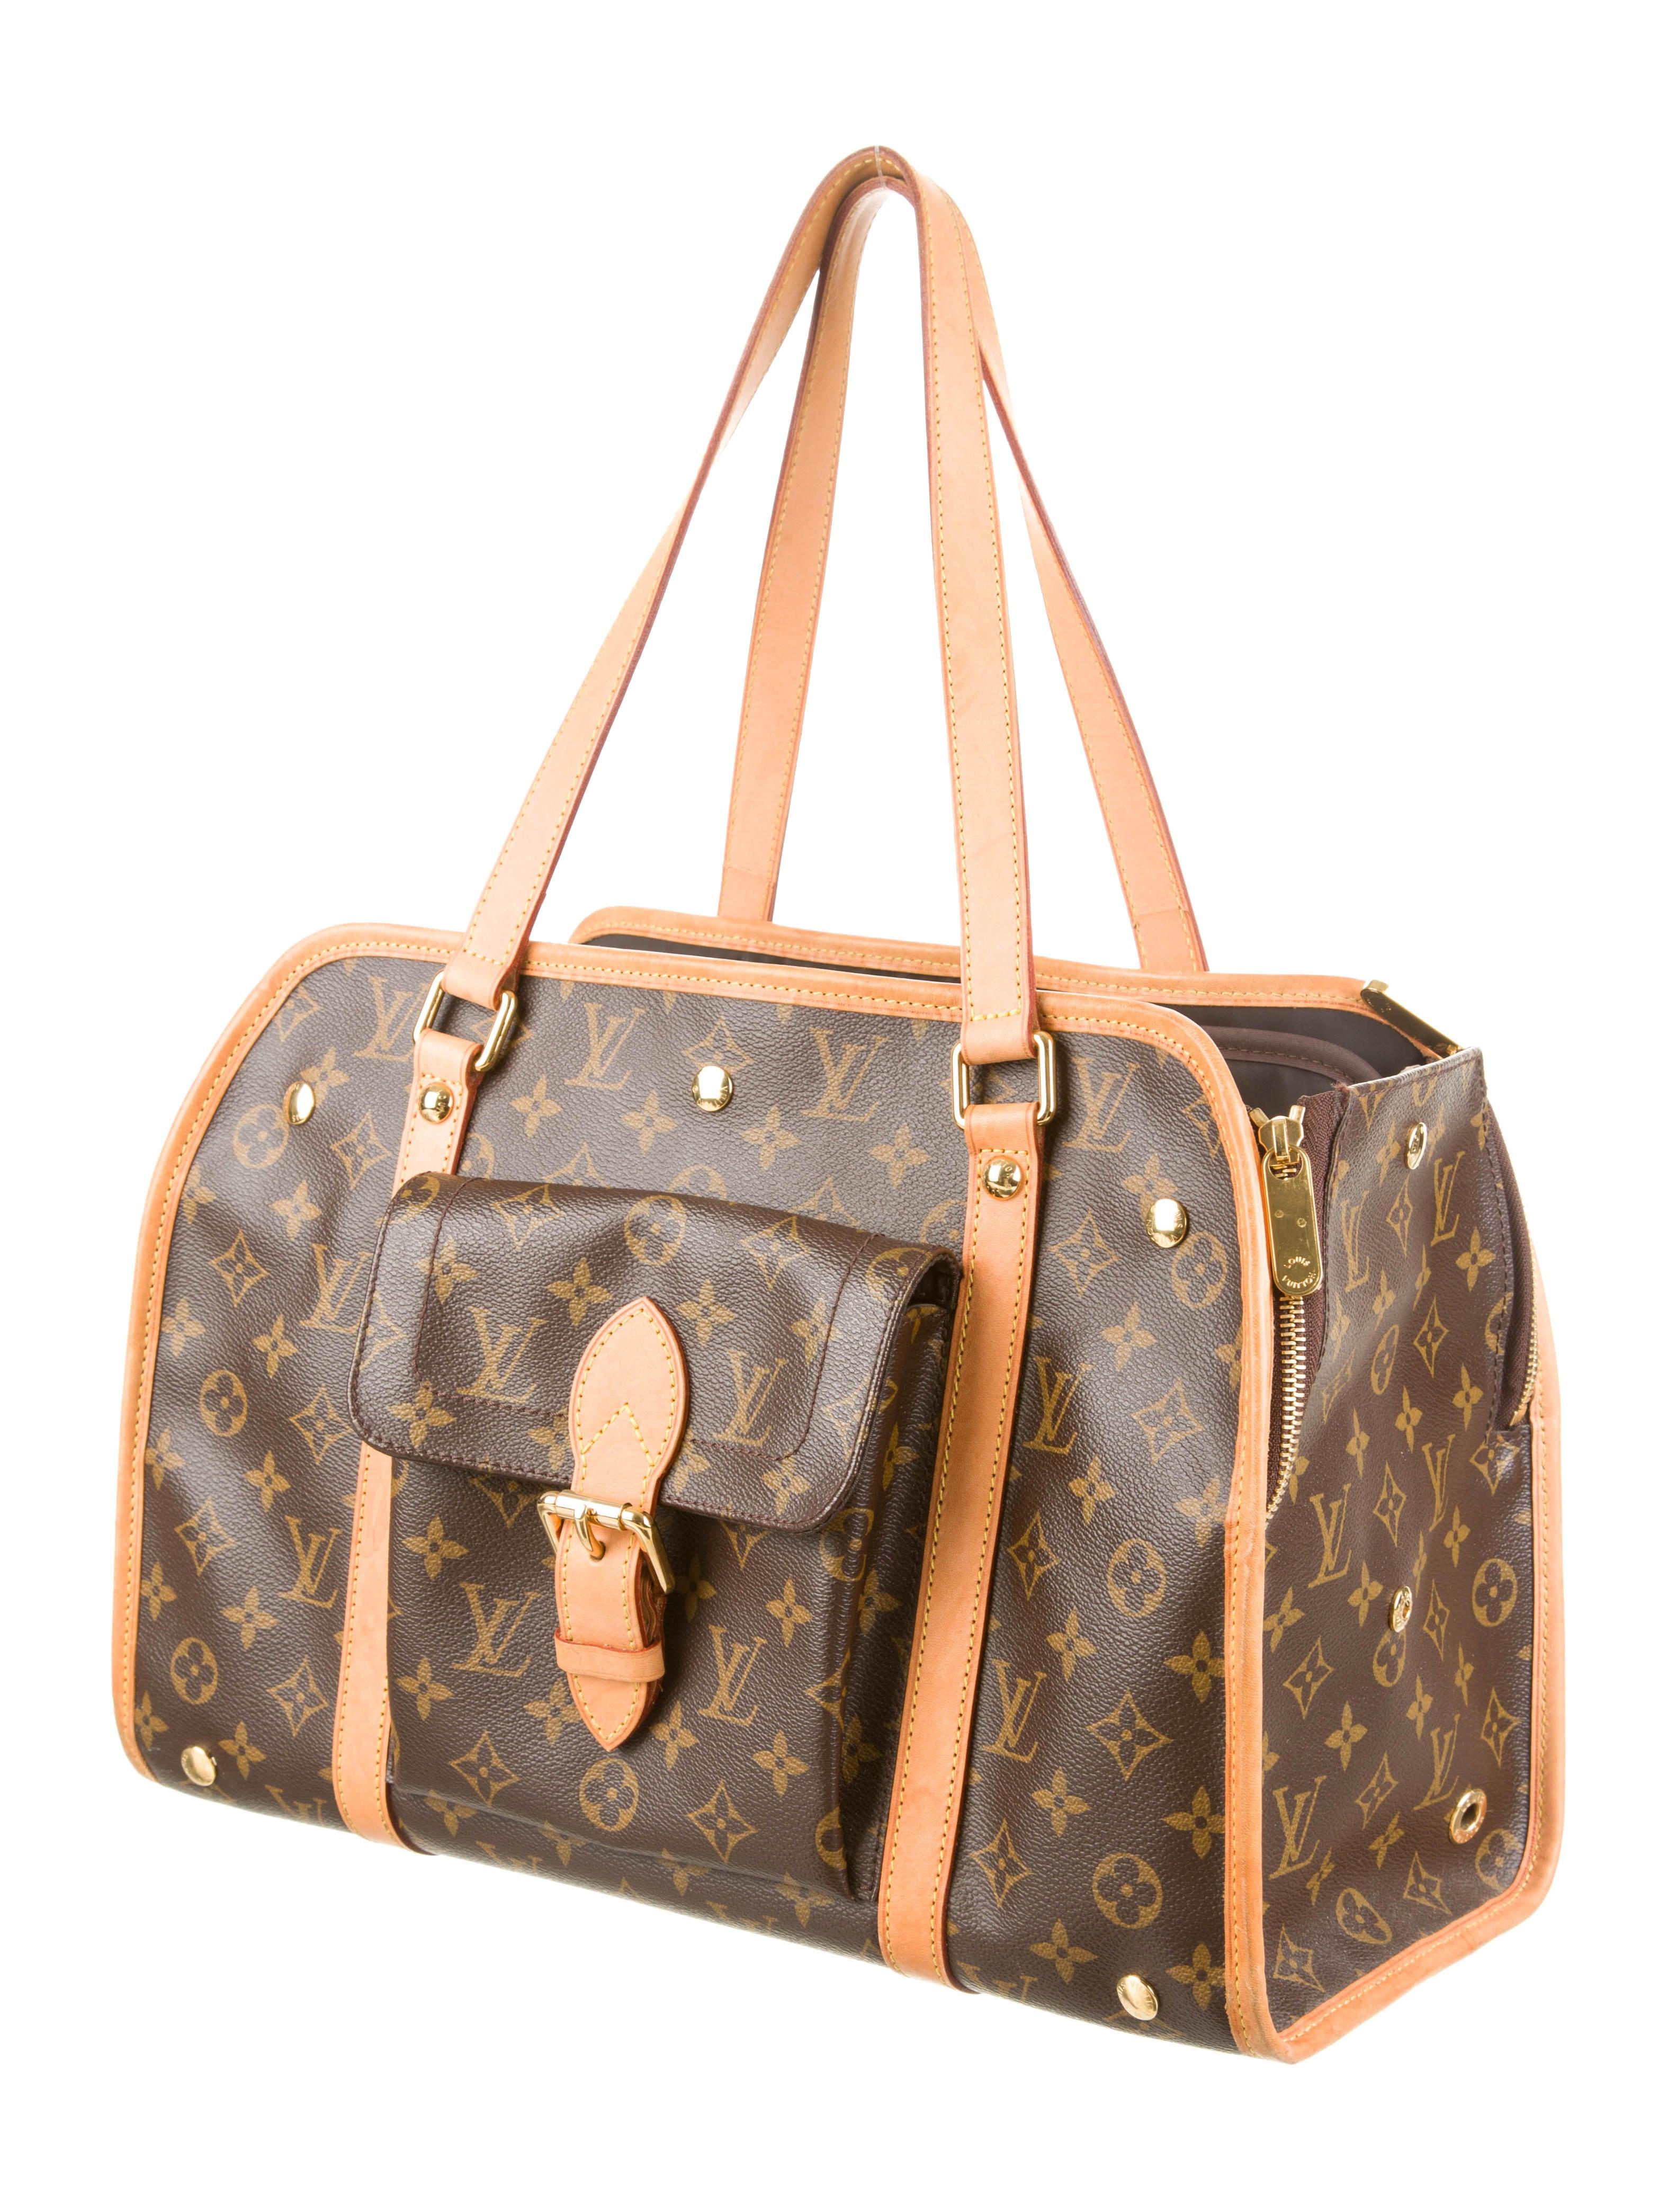 5e96208ee7e Louis Vuitton Baxter Dog Collar Gm